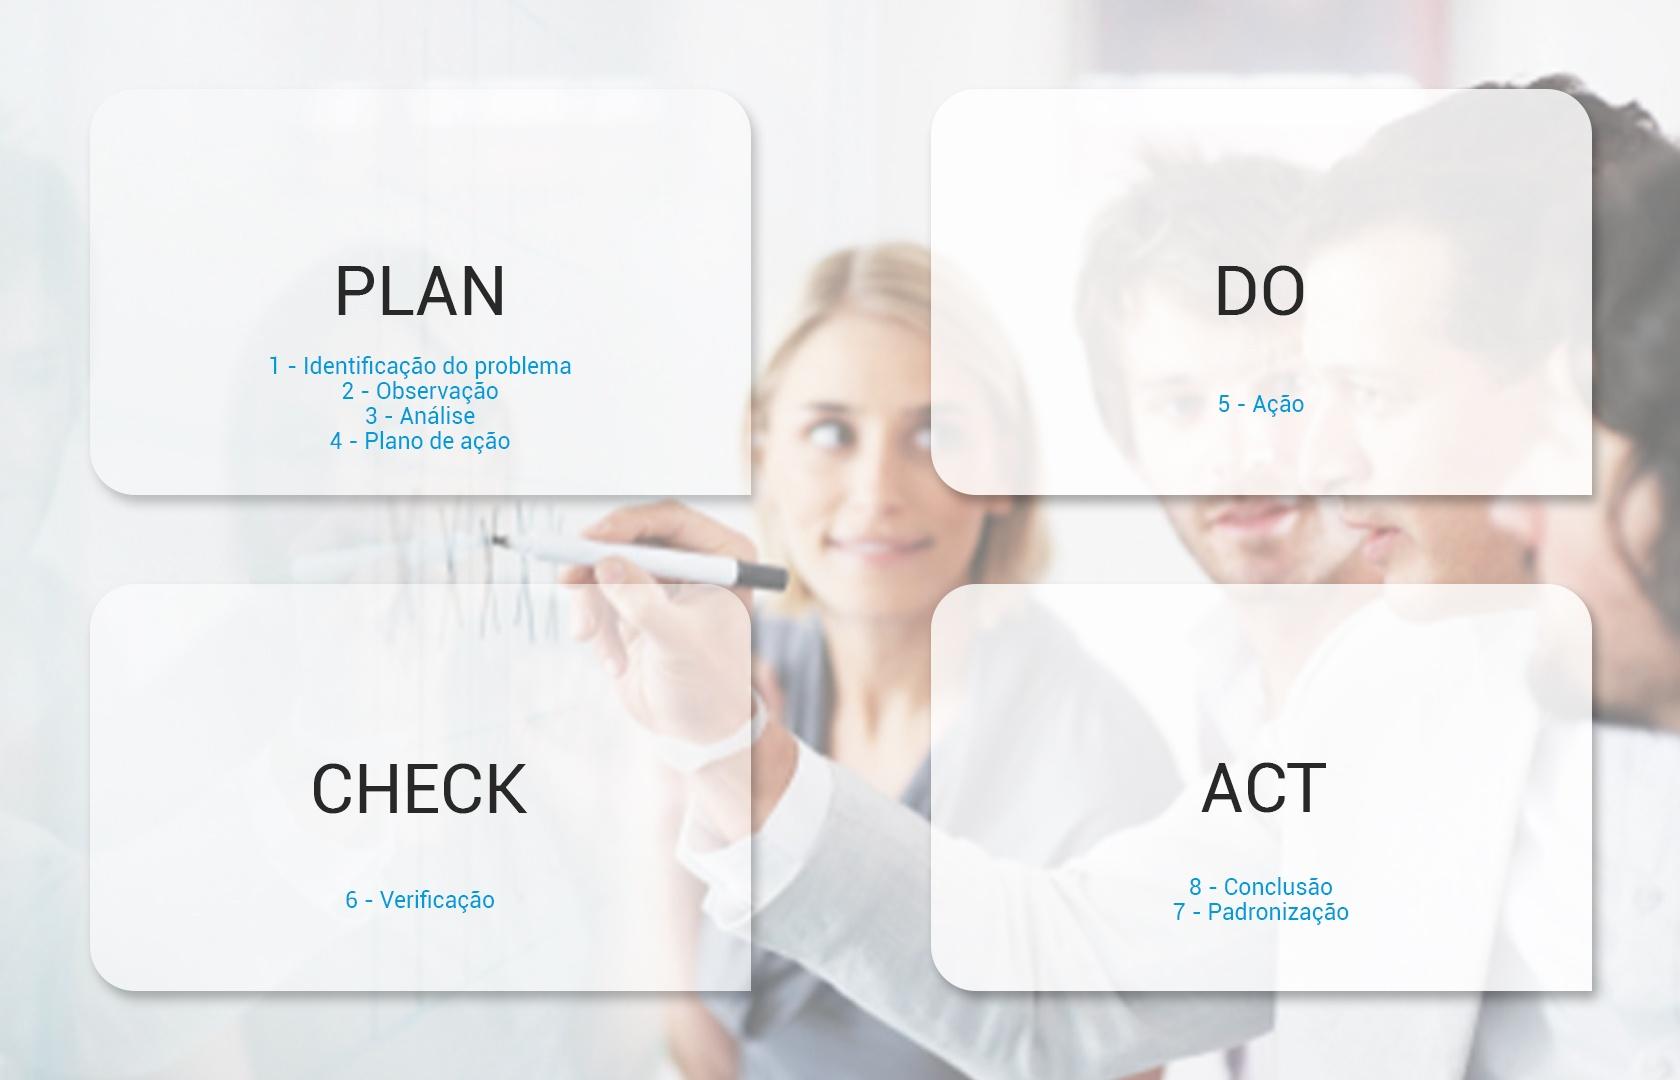 gestão da qualidade - plan - do - check - act